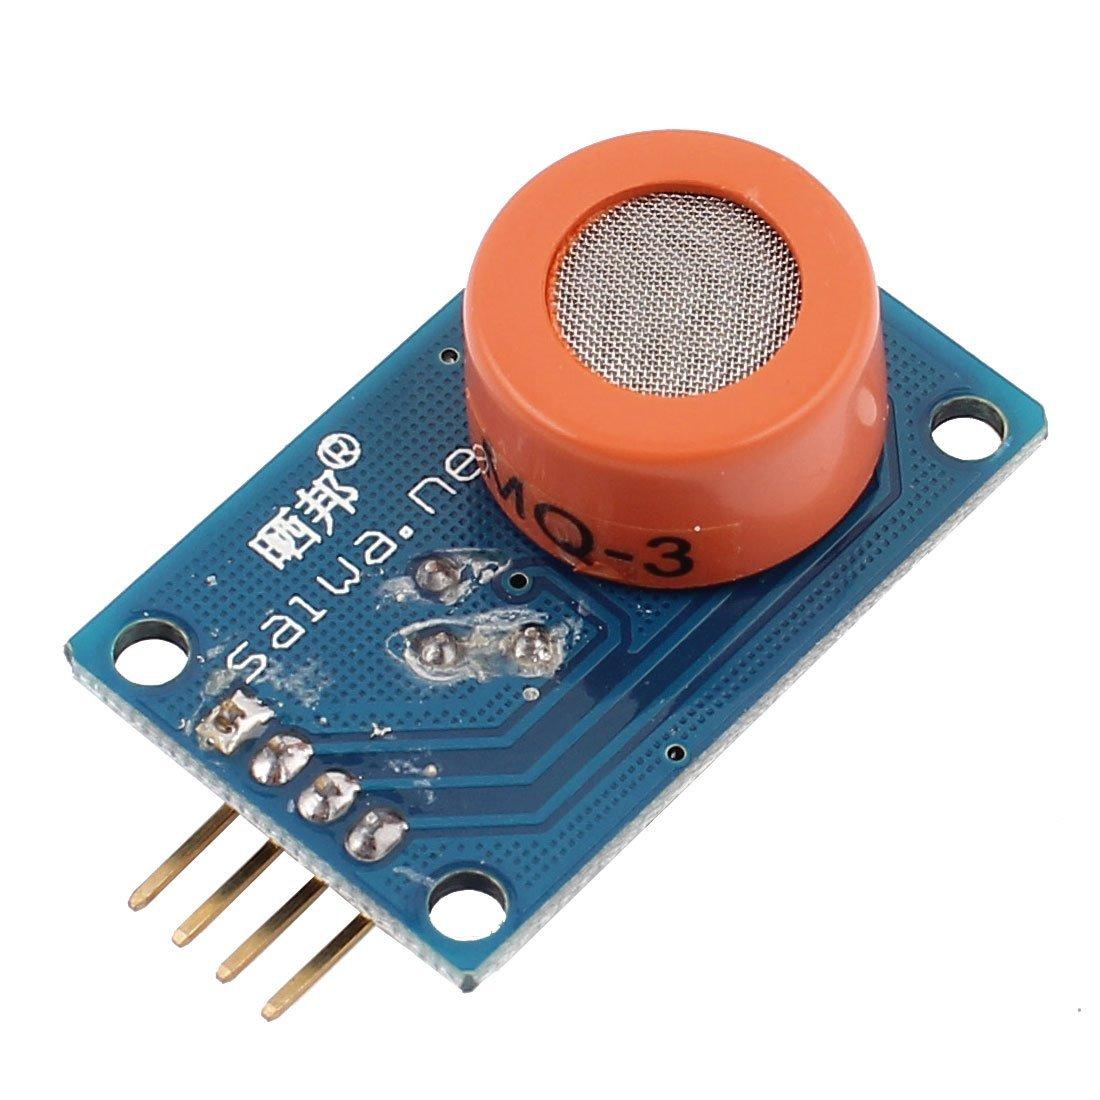 CC 3-5V 10-1000ppm 4-Pin Módulo detector sensor de alcohol gas MQ-3: Amazon.es: Industria, empresas y ciencia